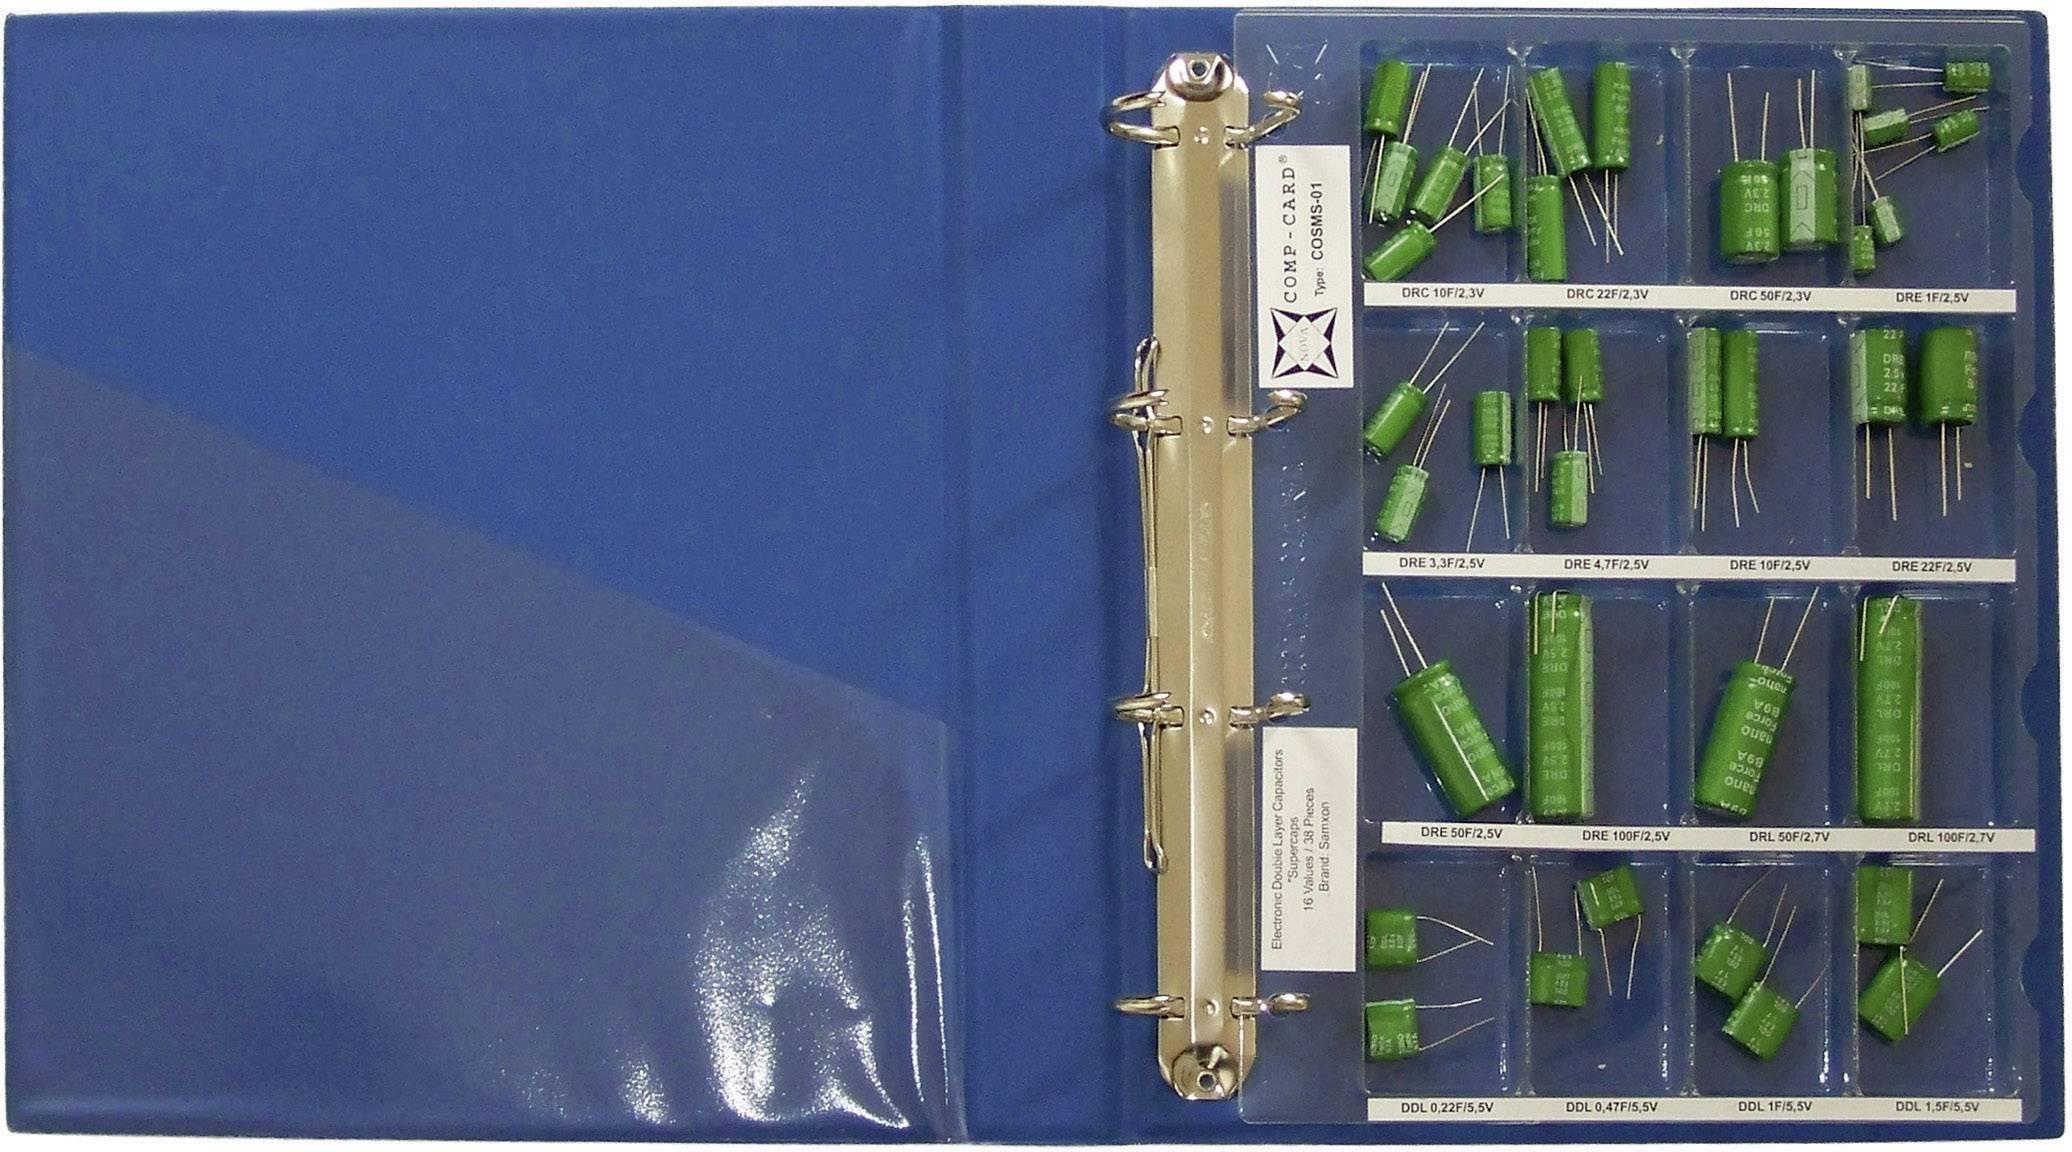 Sada Super Cap kondenzátorů NOVA by Linecard COSMS-01, 1 sada